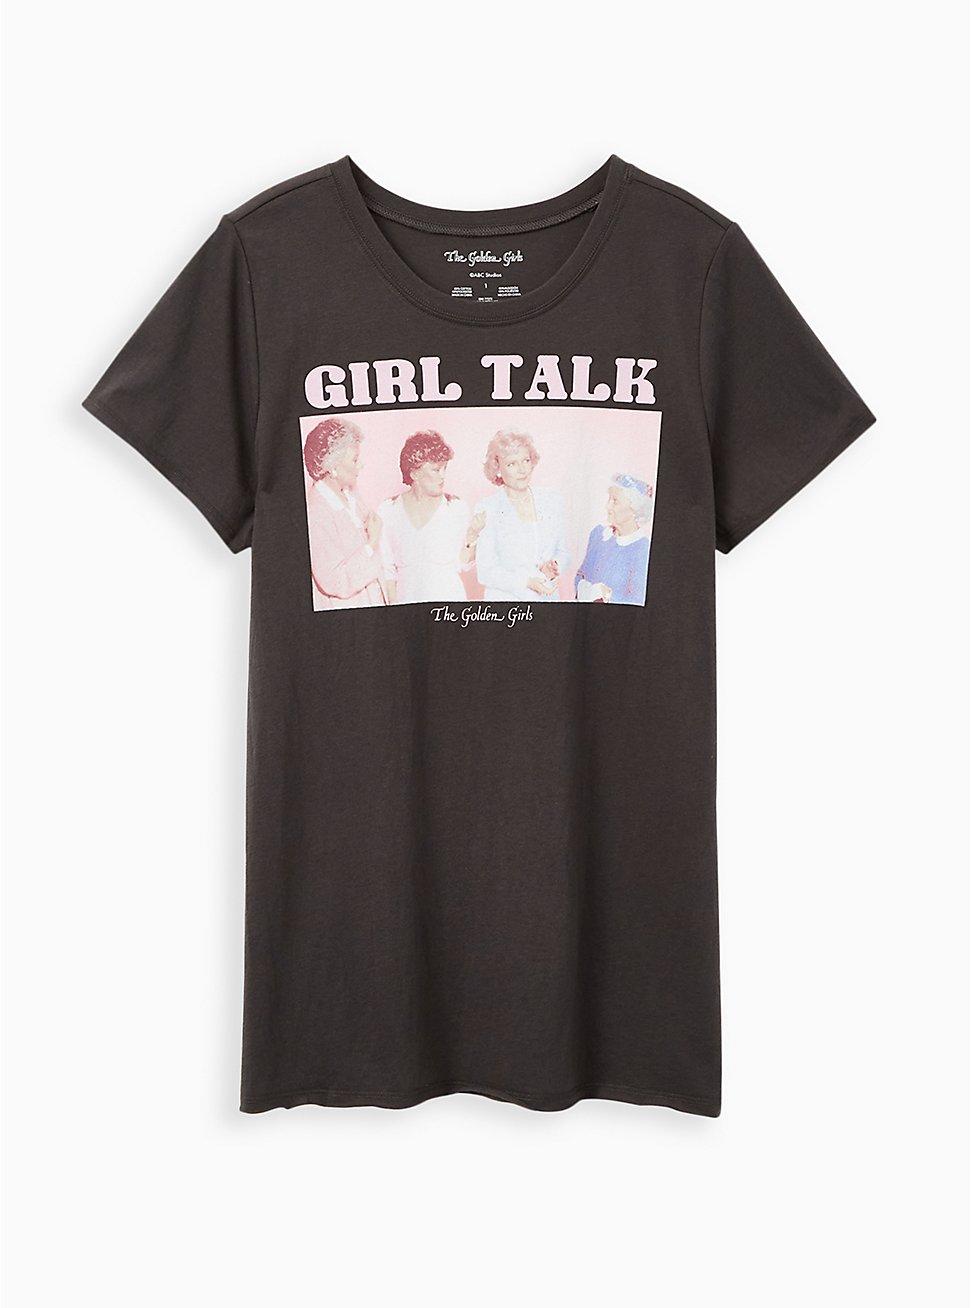 Classic Fit - Golden Girls Vintage Black Crew Tee, VINTAGE BLACK, hi-res